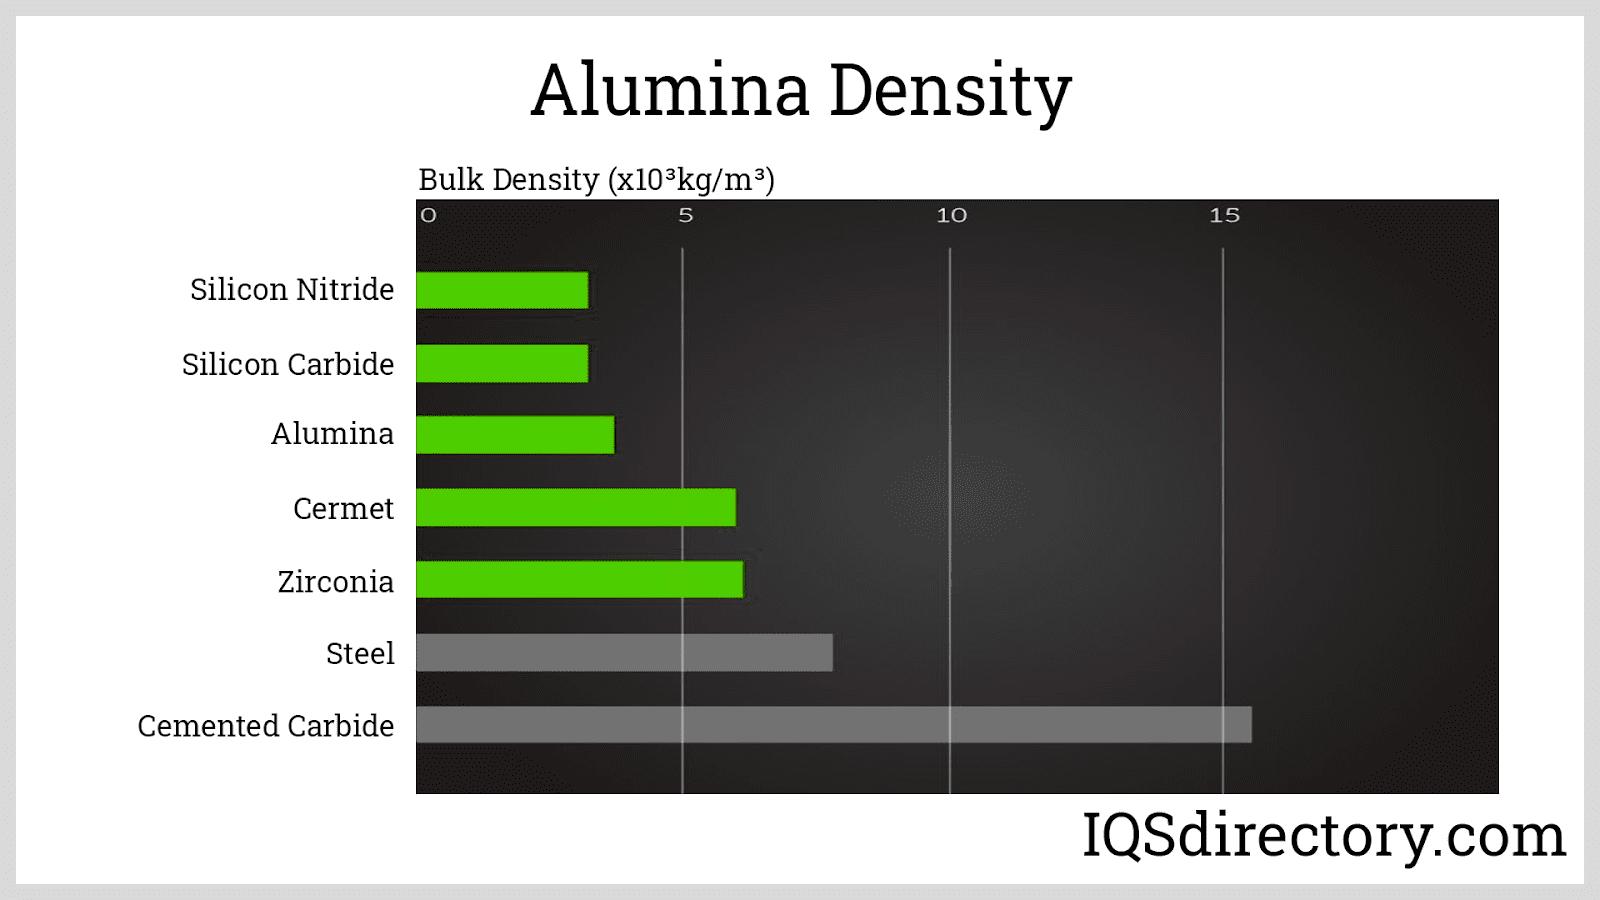 Alumina Density